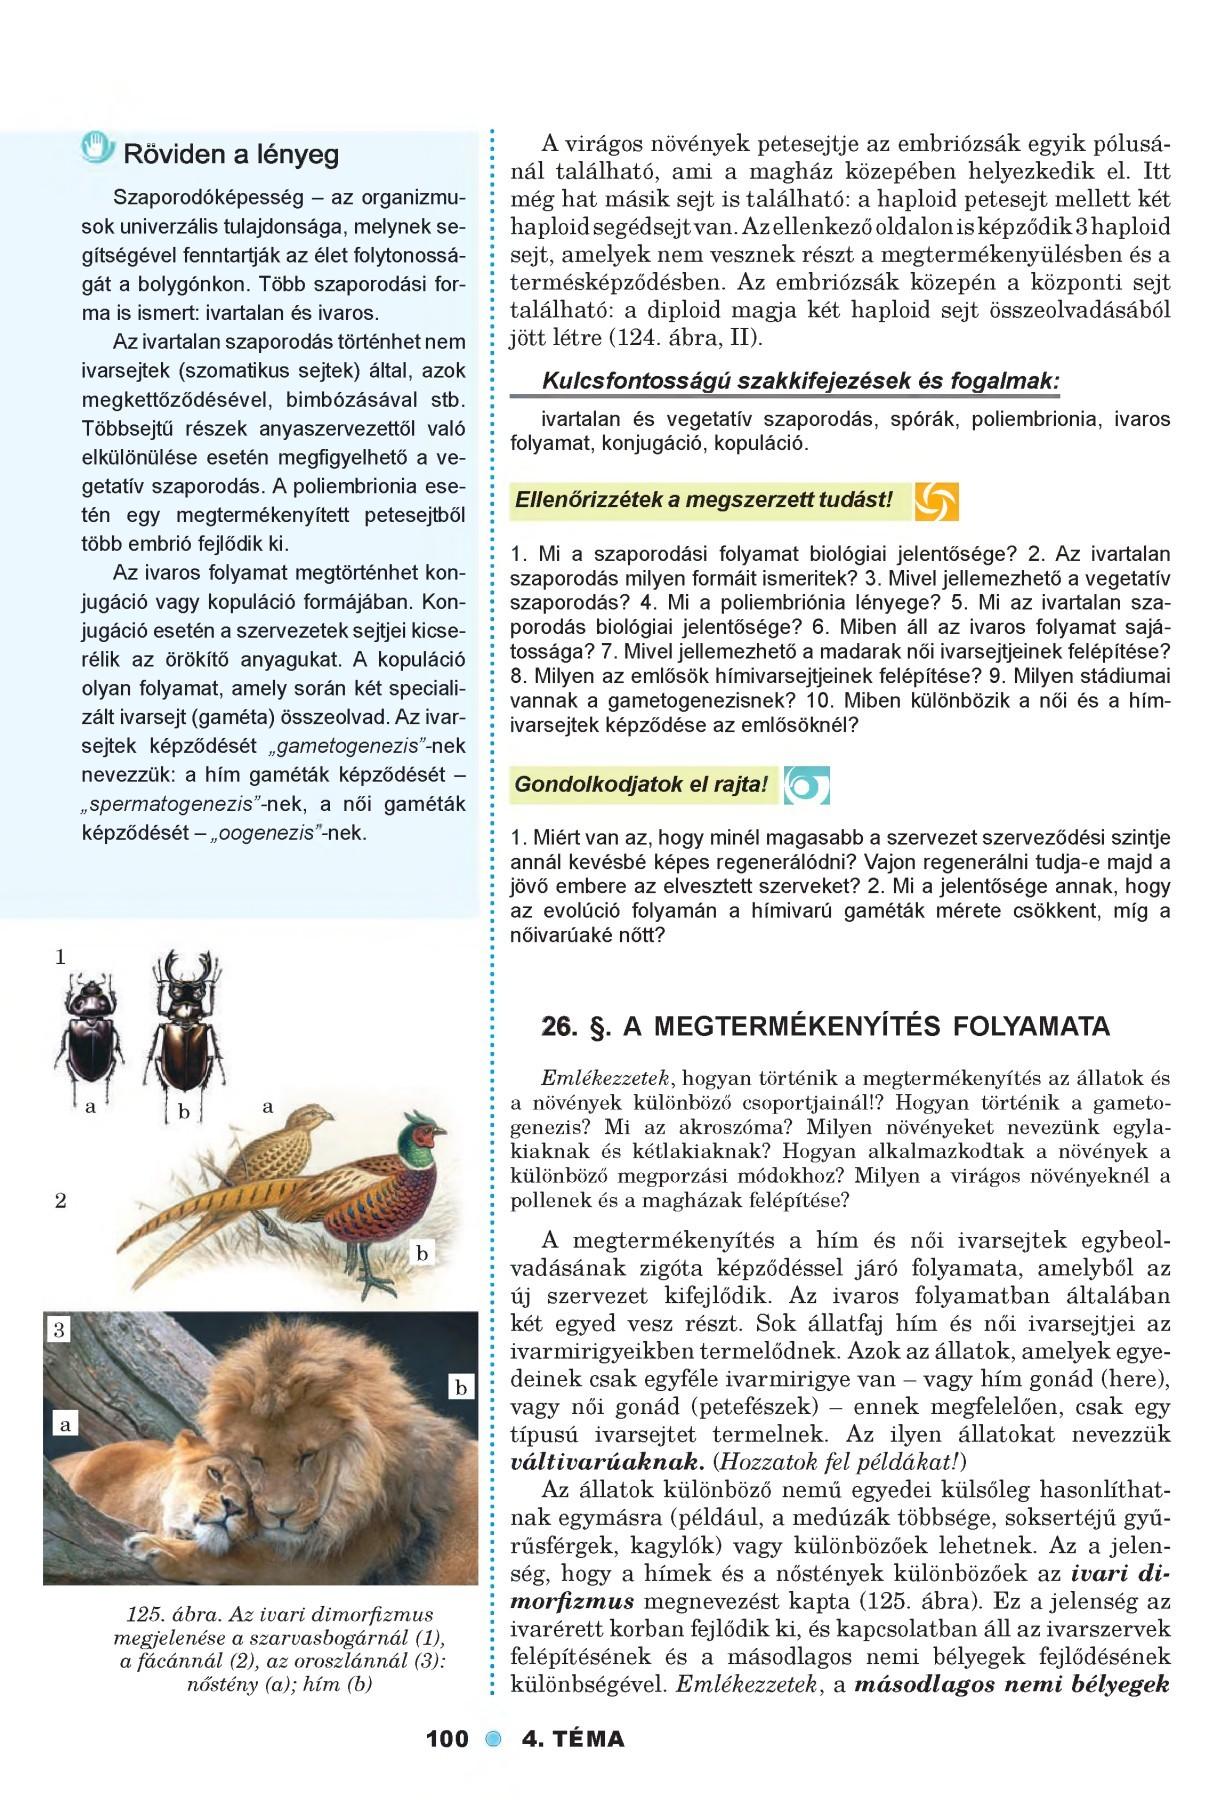 petesejtek és paraziták kezelése)